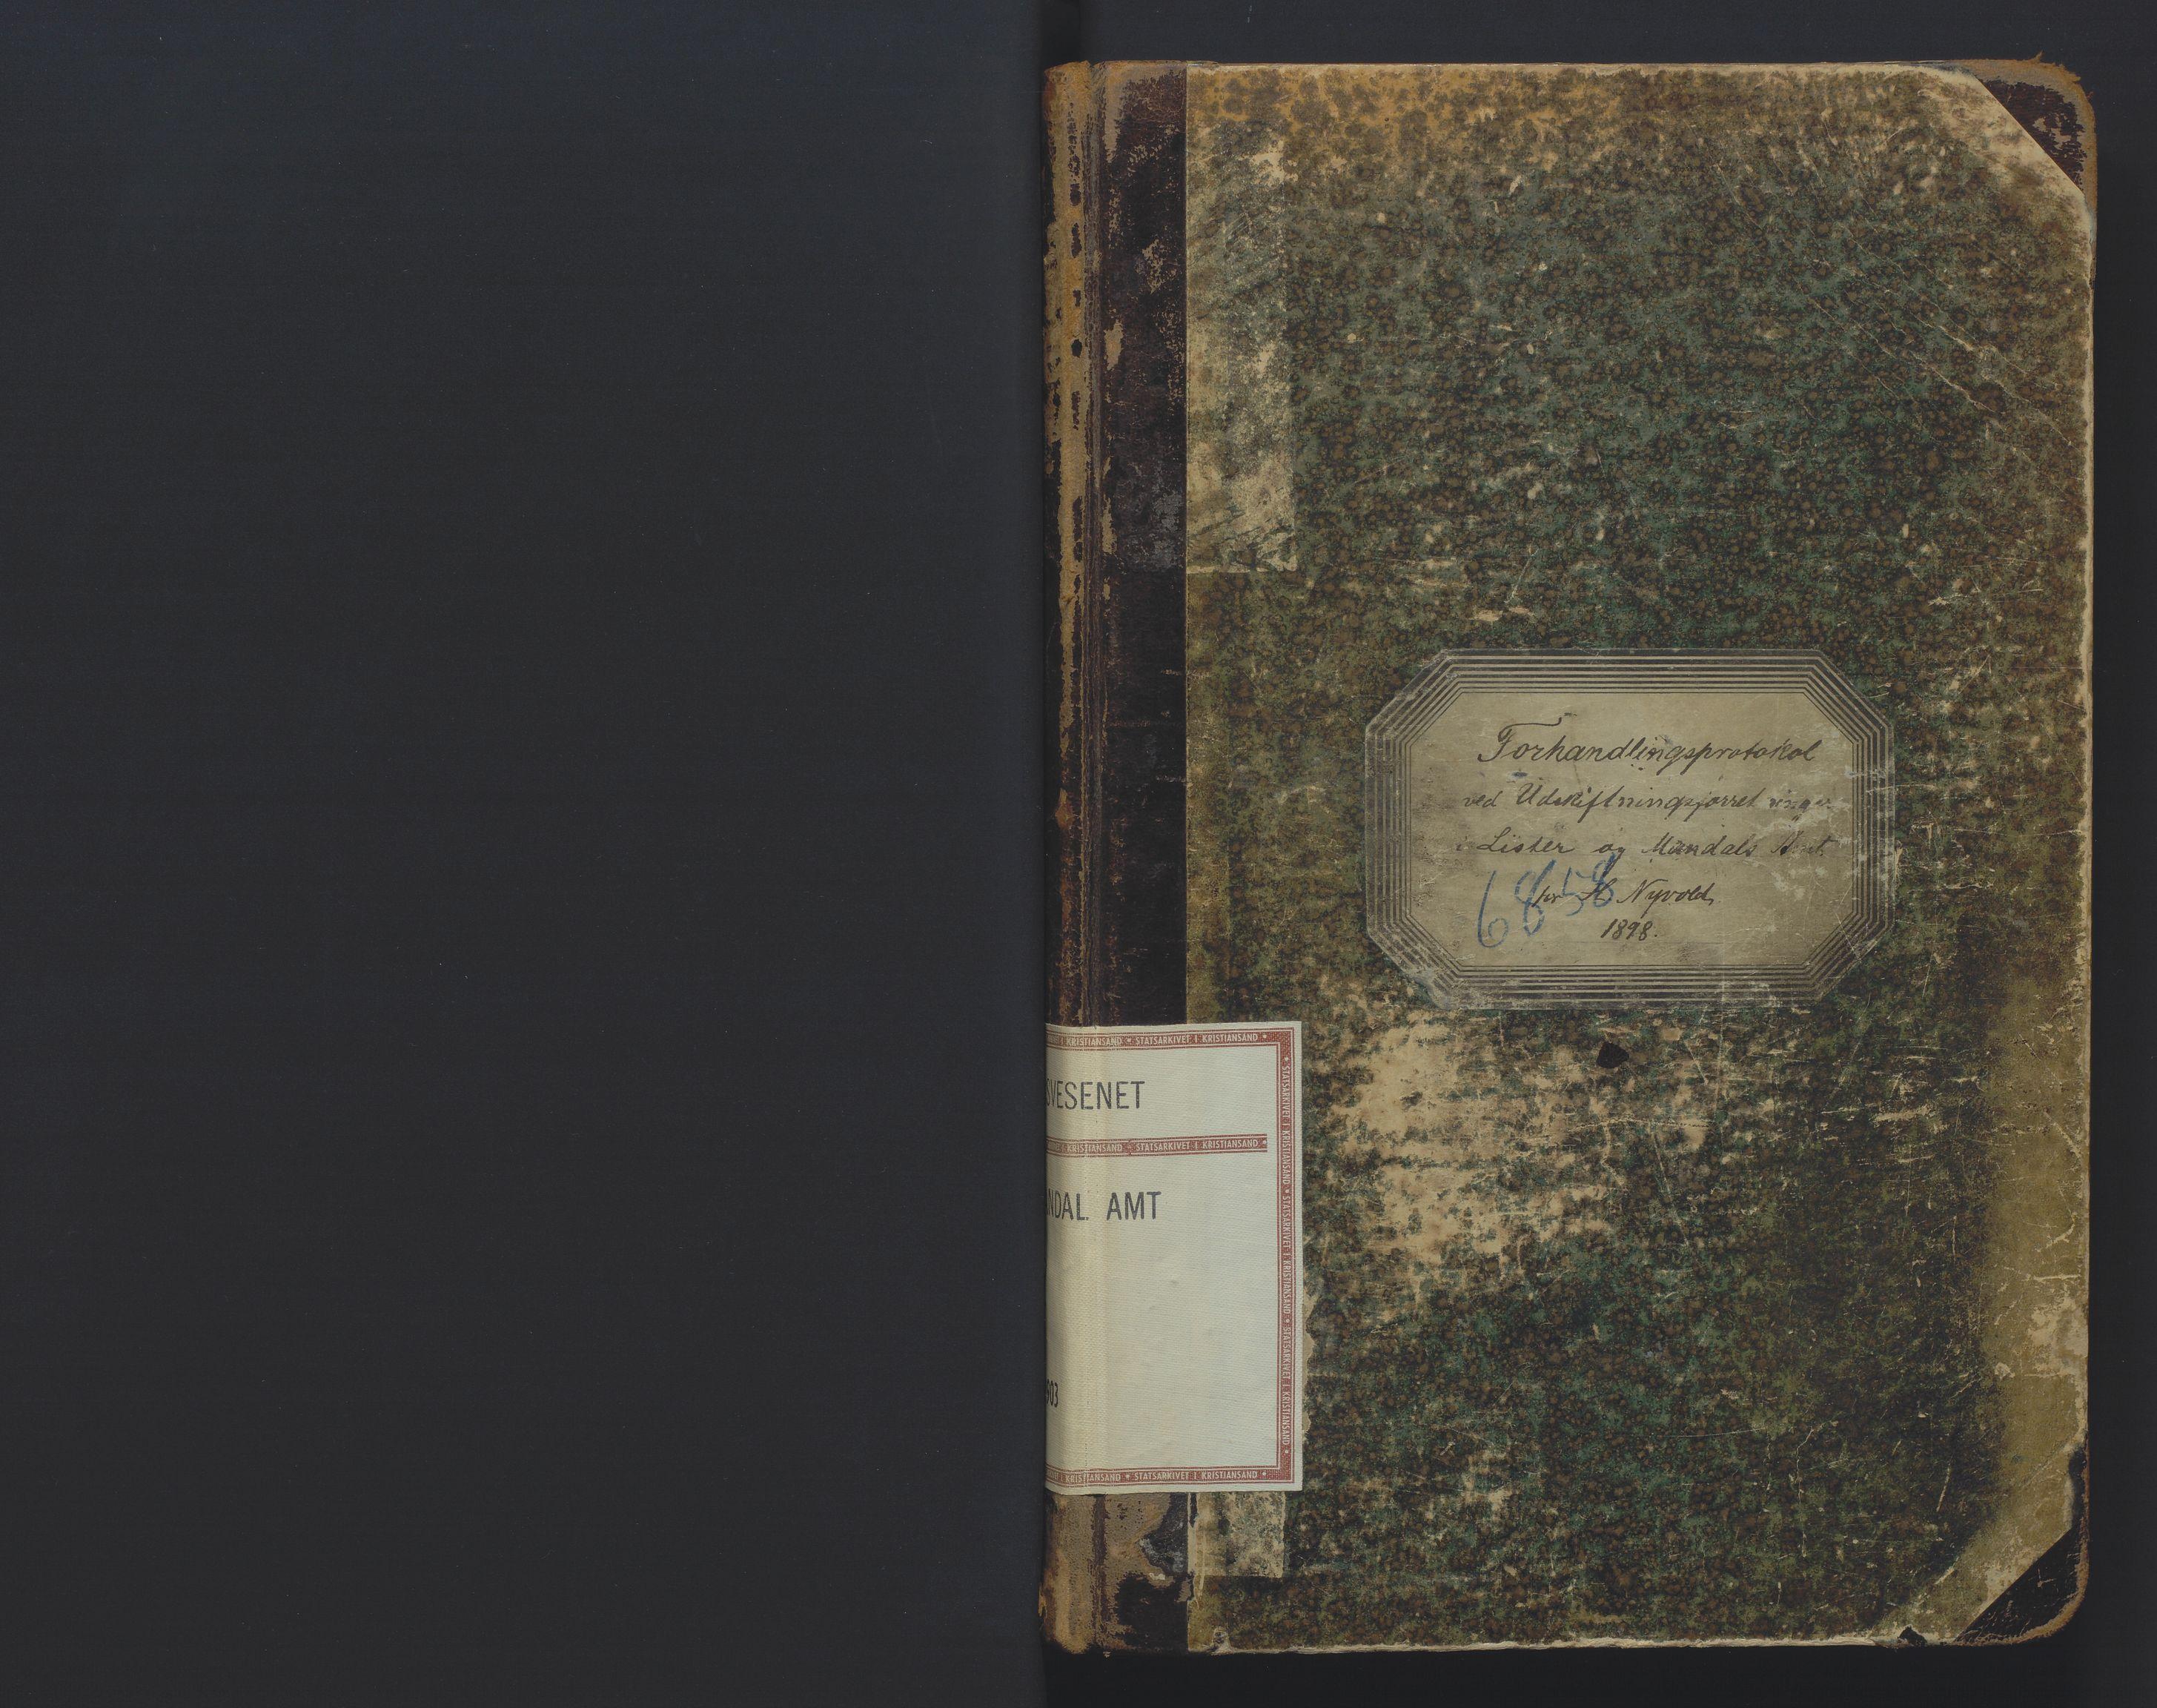 SAK, Utskiftningsformannen i Lister og Mandal amt, F/Fa/Faa/L0022: Utskiftningsprotokoll med register nr 22, 1898-1903